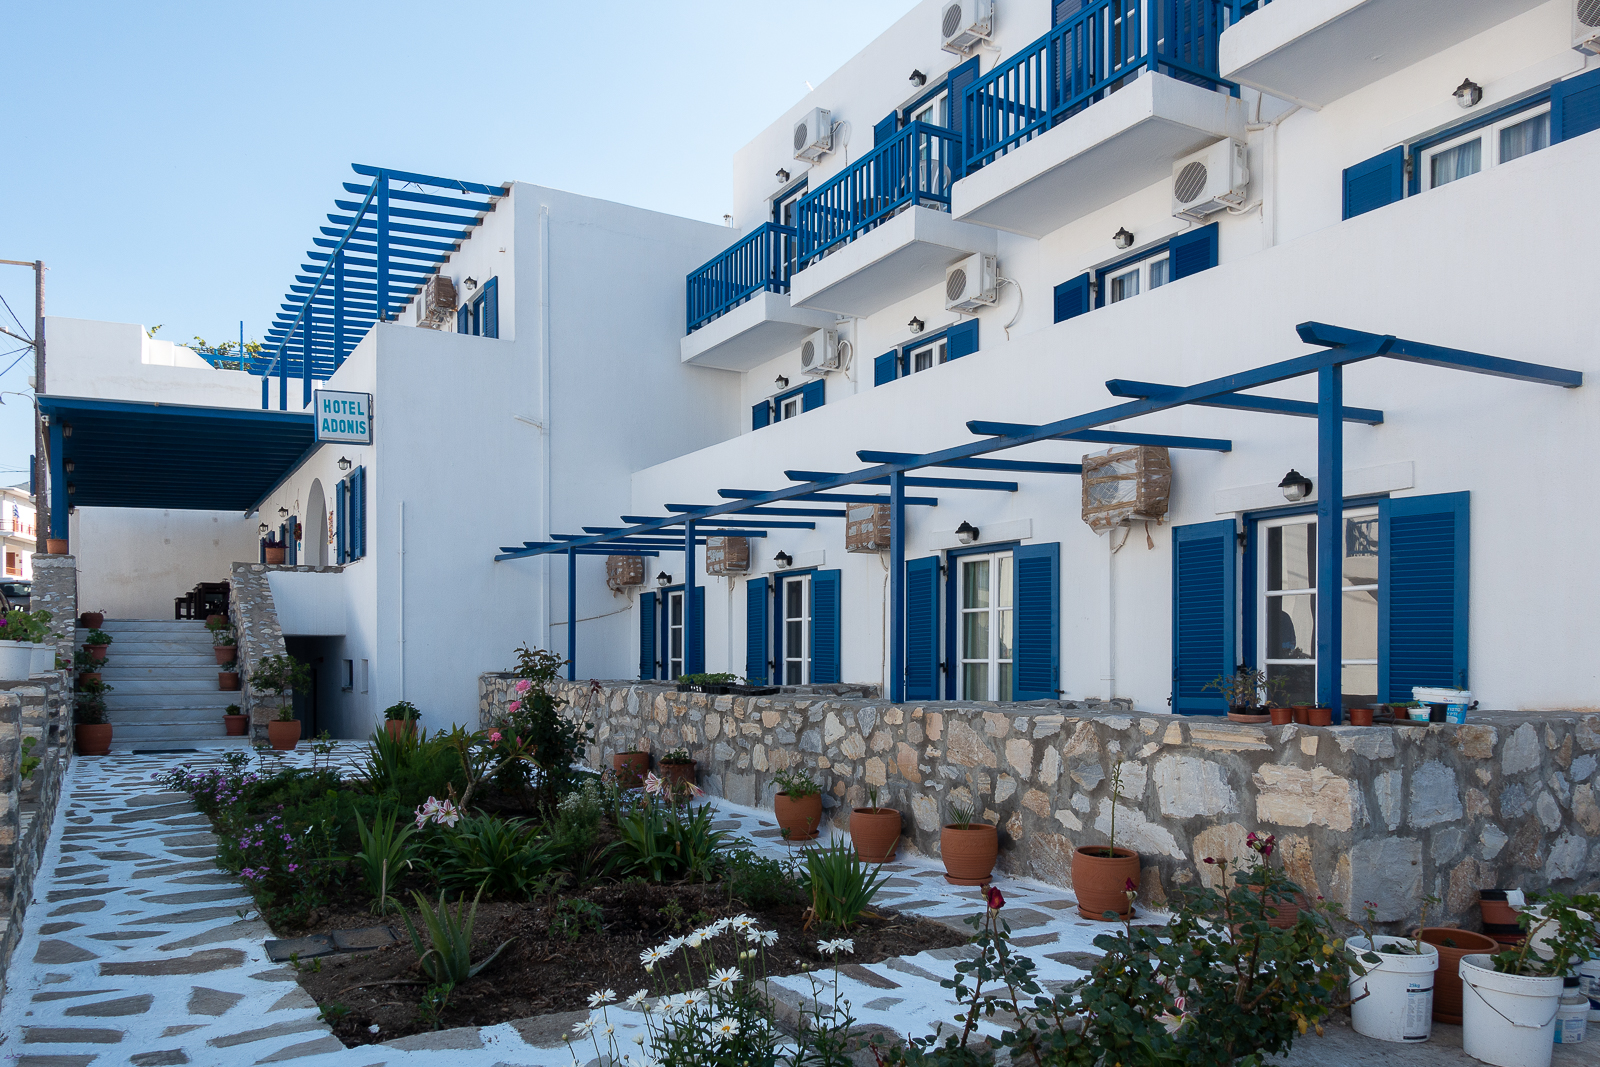 Itinéraire dans les Cyclades : Hotel Adonis à Apollonas sur l'île de Naxos. Partis pour la Grèce